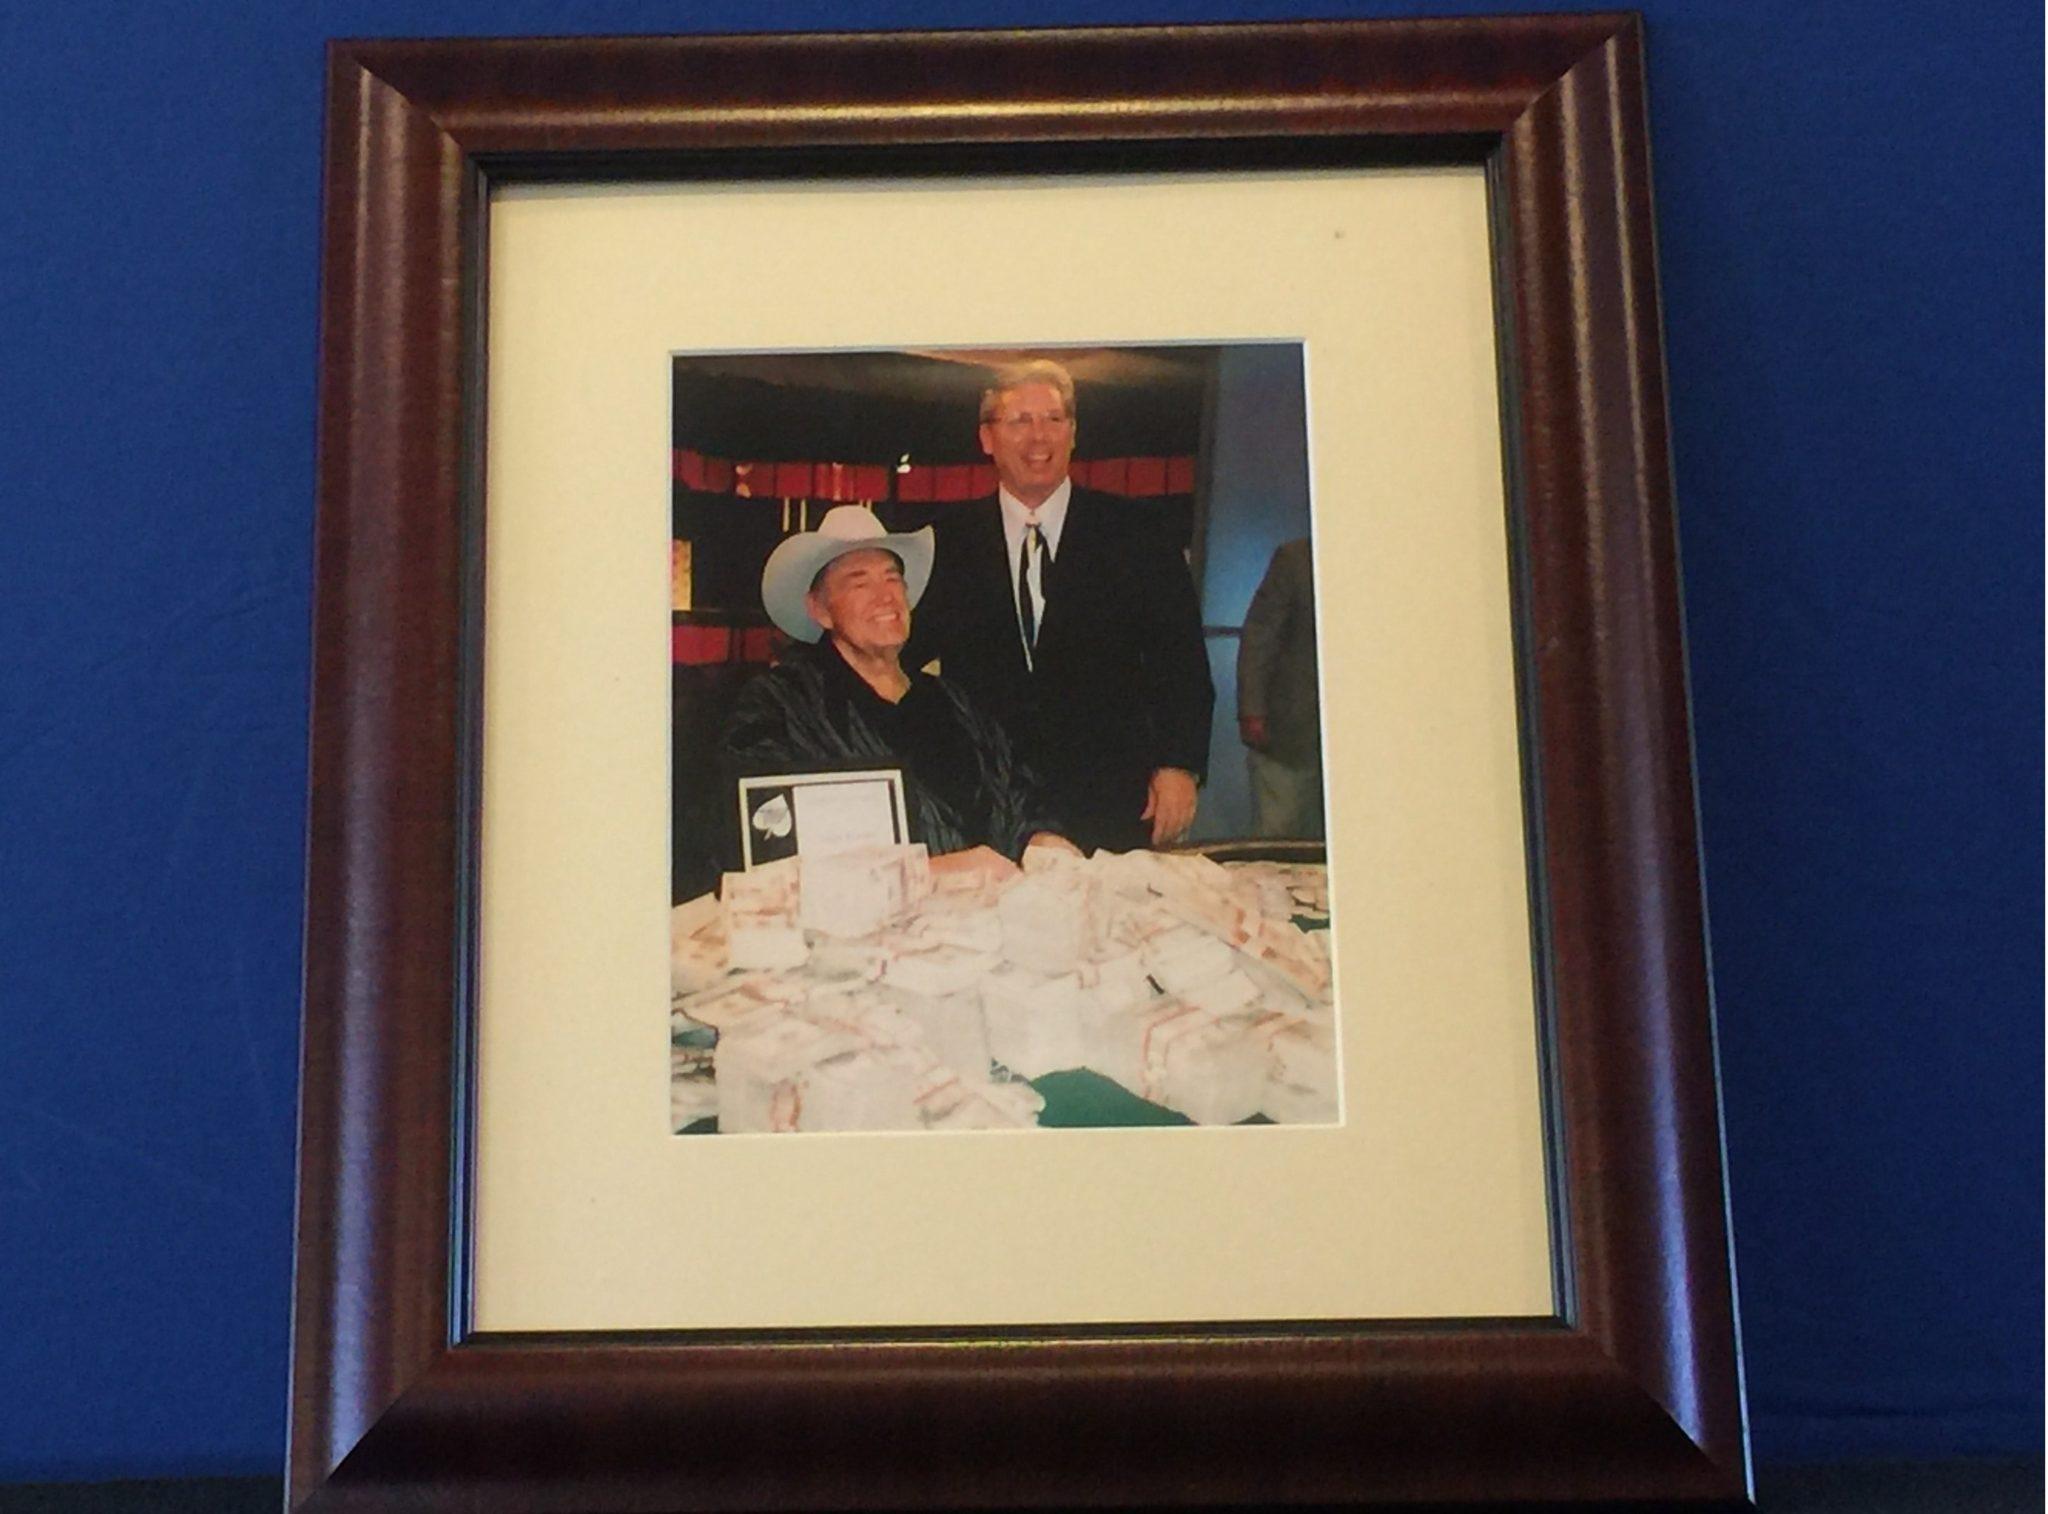 Este quadro com uma fotografia de Mike Sexton com Doyle Brunson é um dos itens à disposição